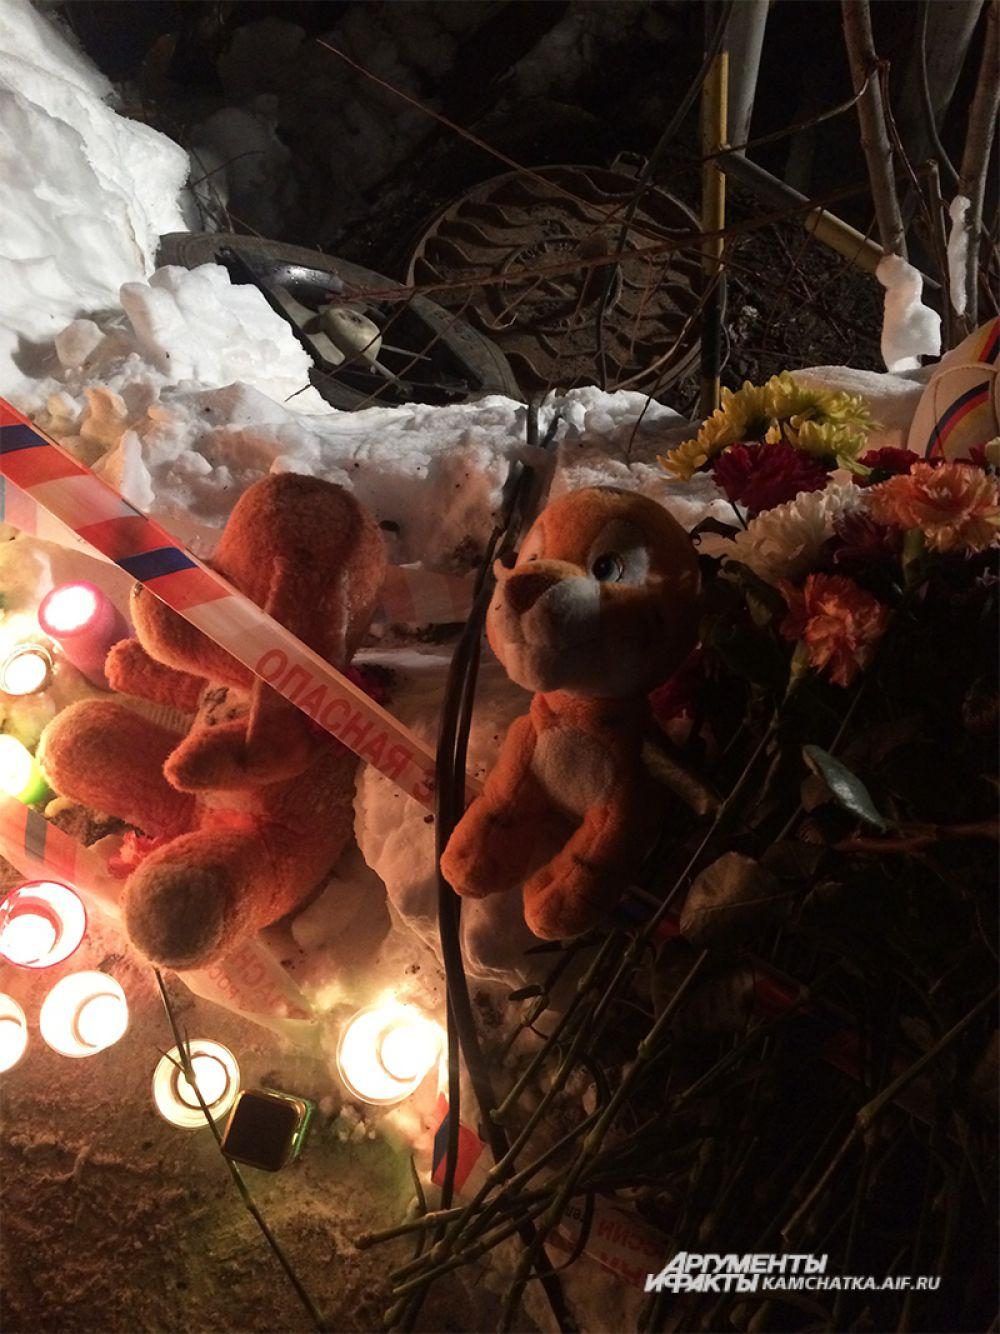 Ужасная трагедия потрясла всех жителей Камчатки.